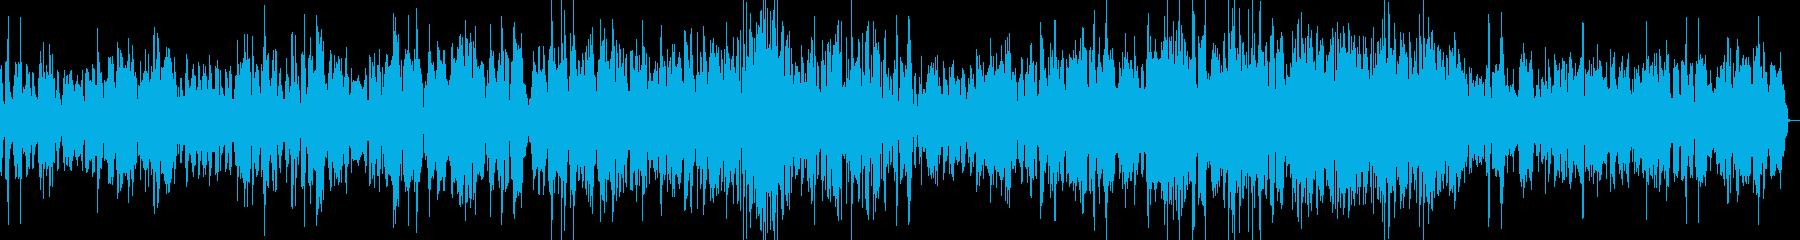 ピアノとギターのジャズトリオの再生済みの波形